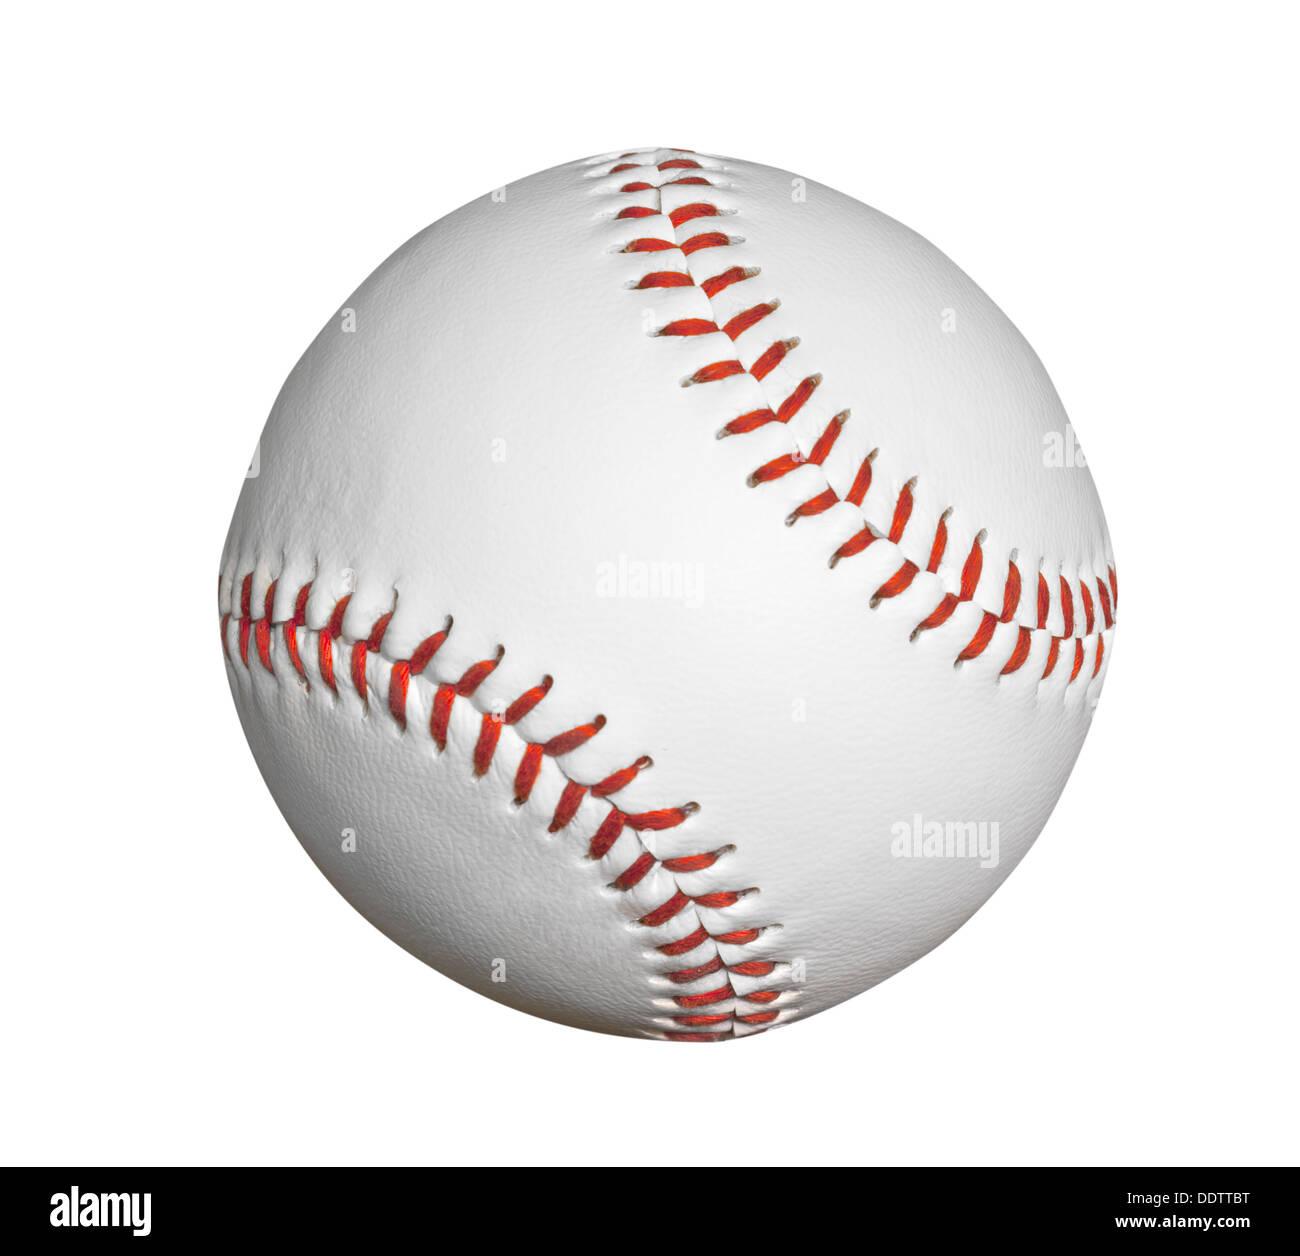 Nuovo baseball isolato con percorso di clipping. Immagini Stock